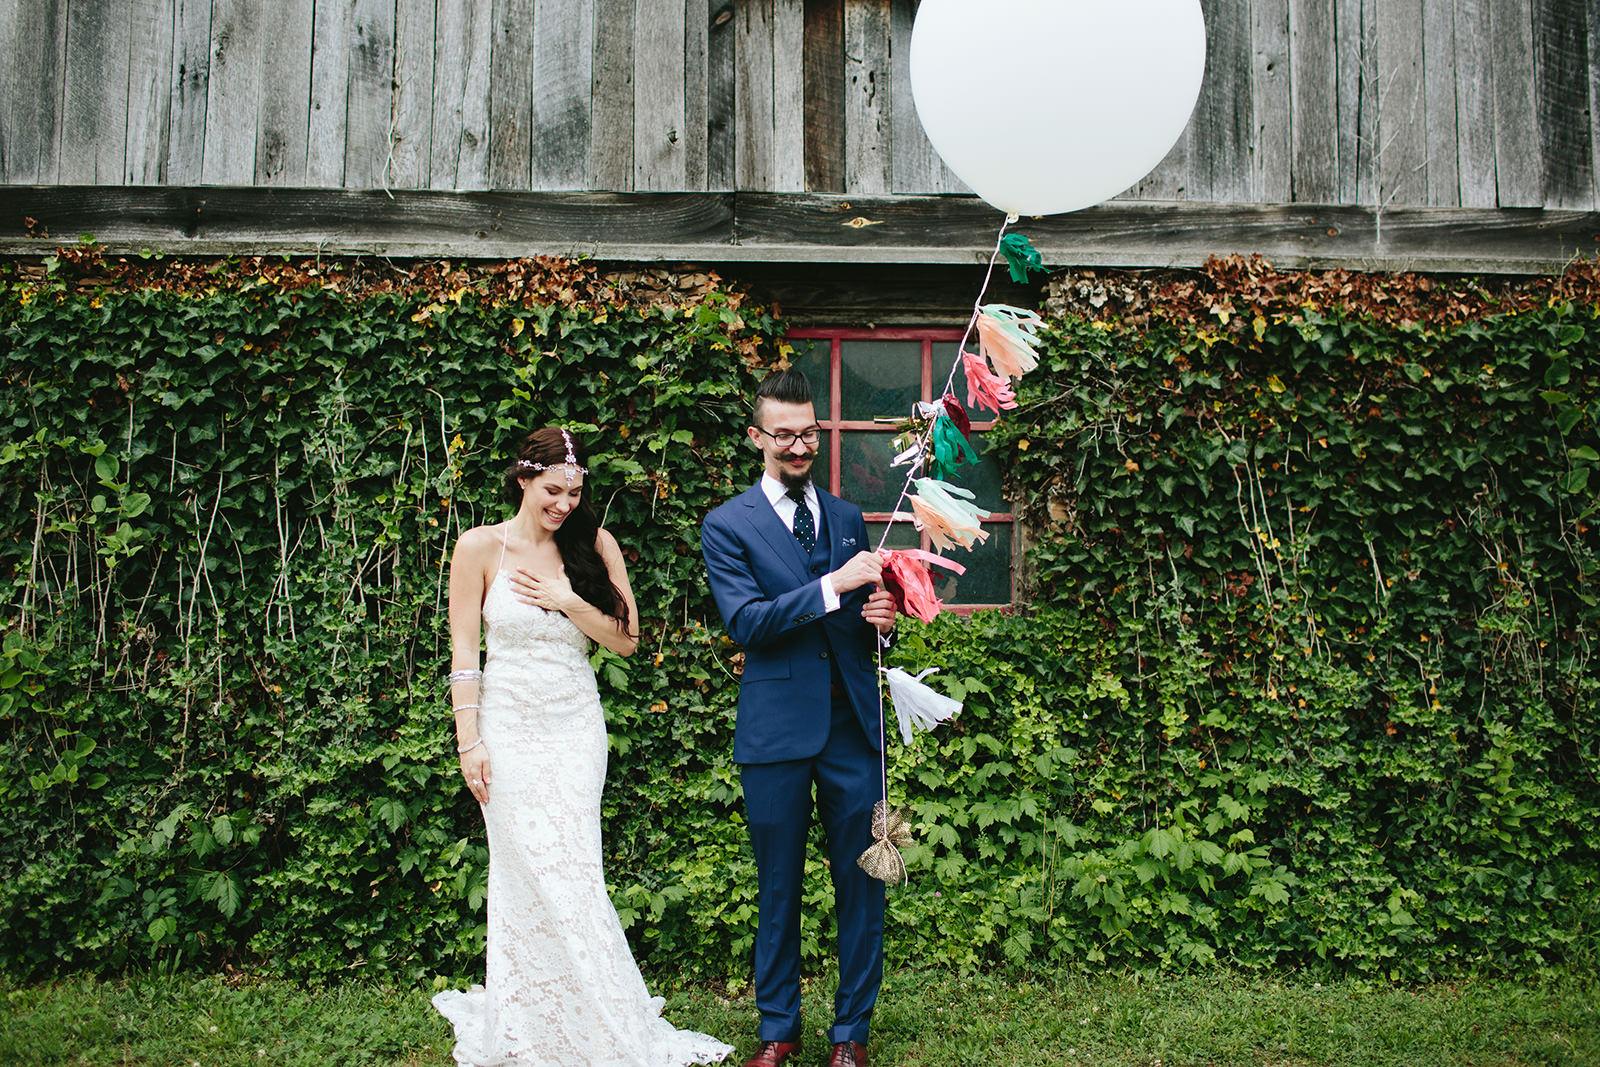 large balloons wedding